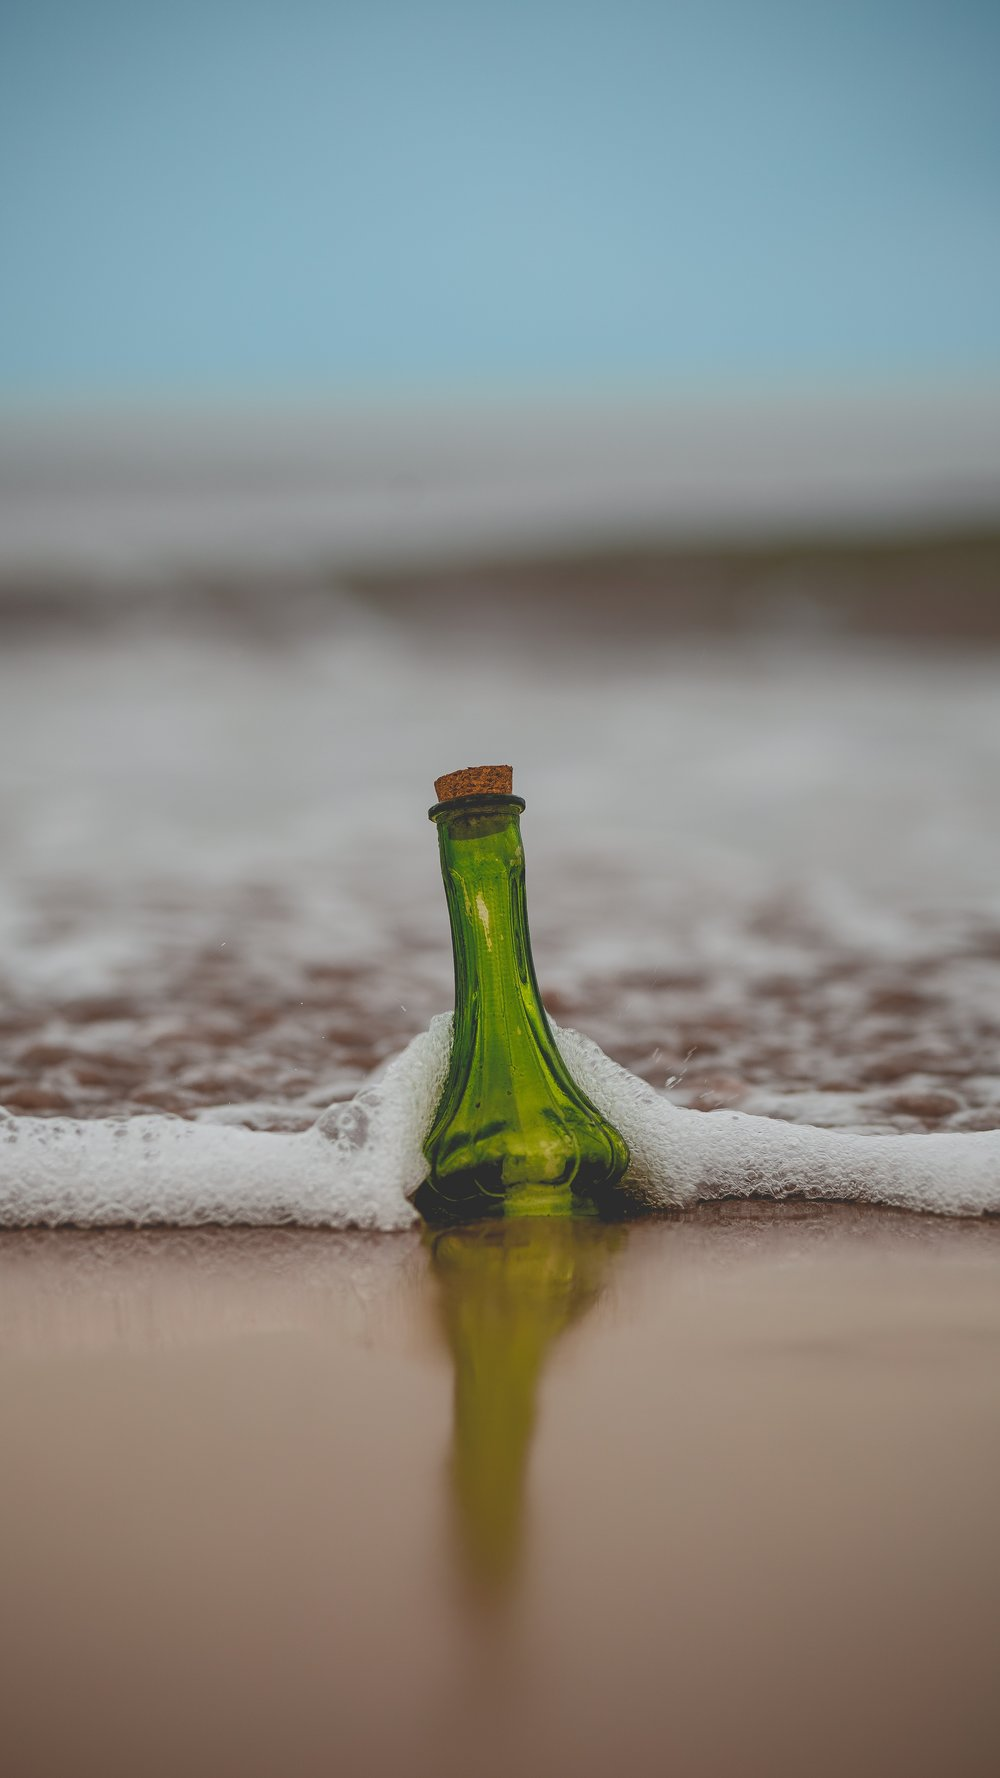 bottle in the sand.jpg